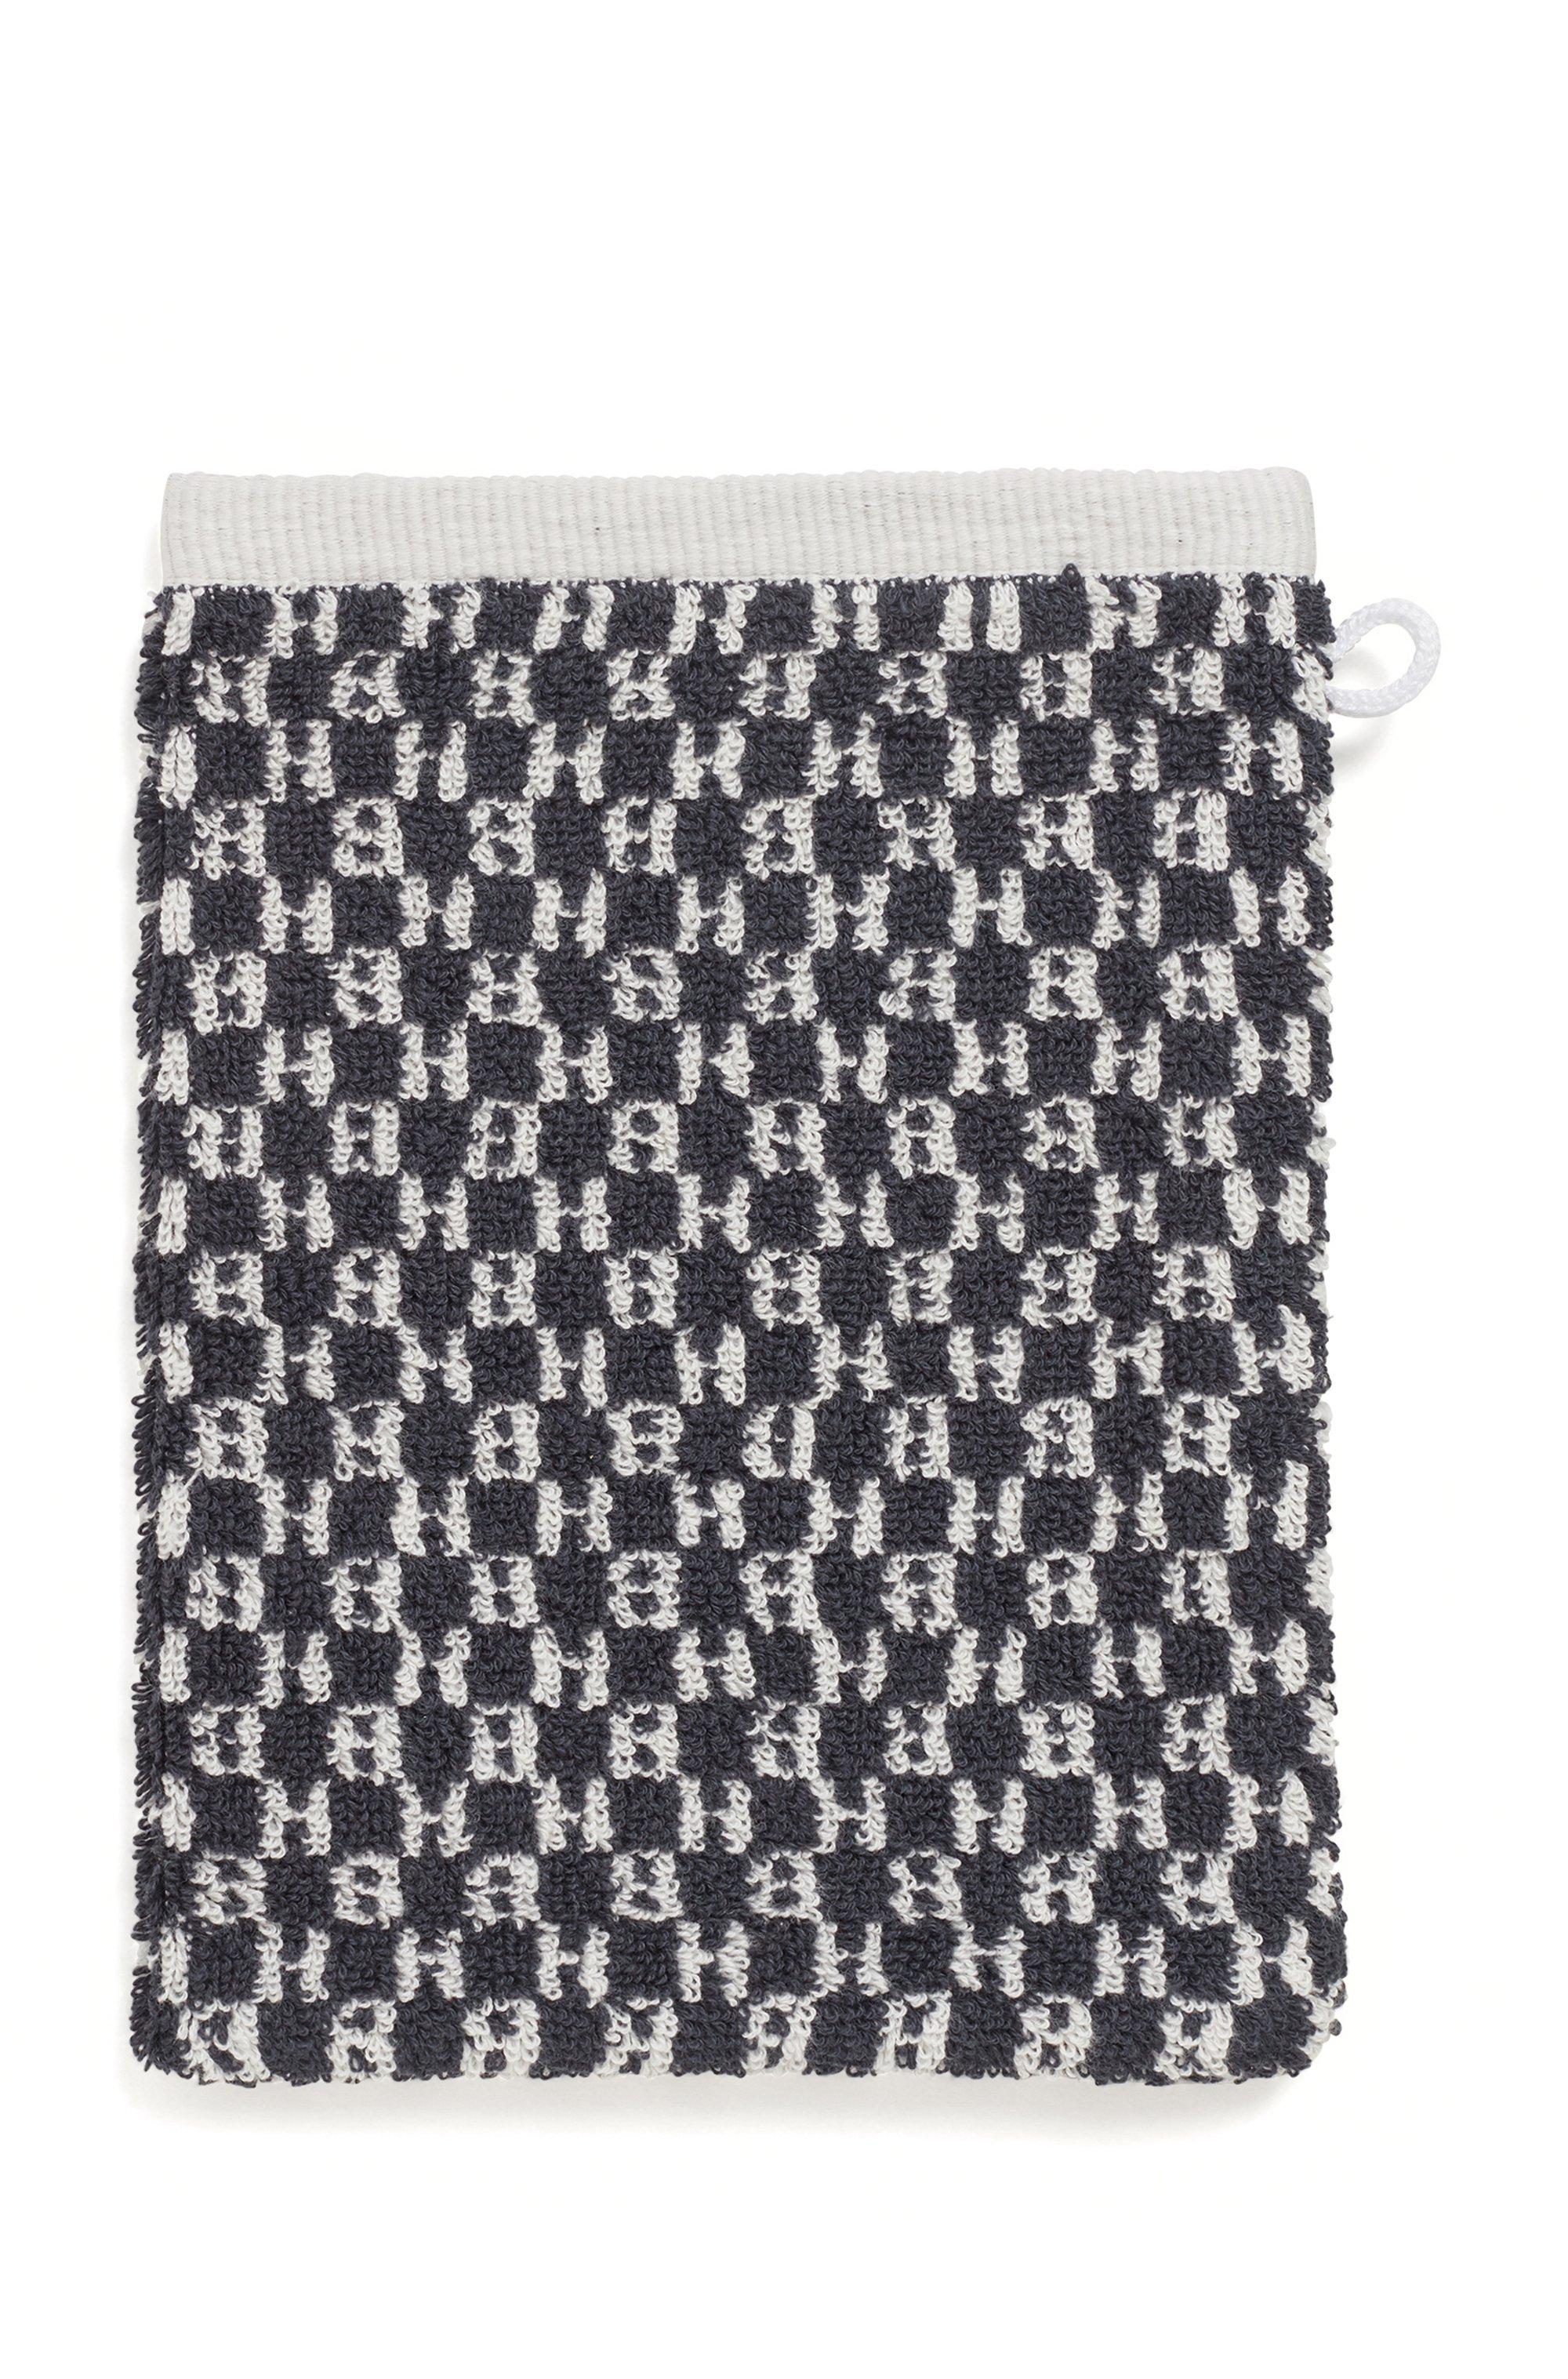 Monogram washing mitt in cotton jacquard